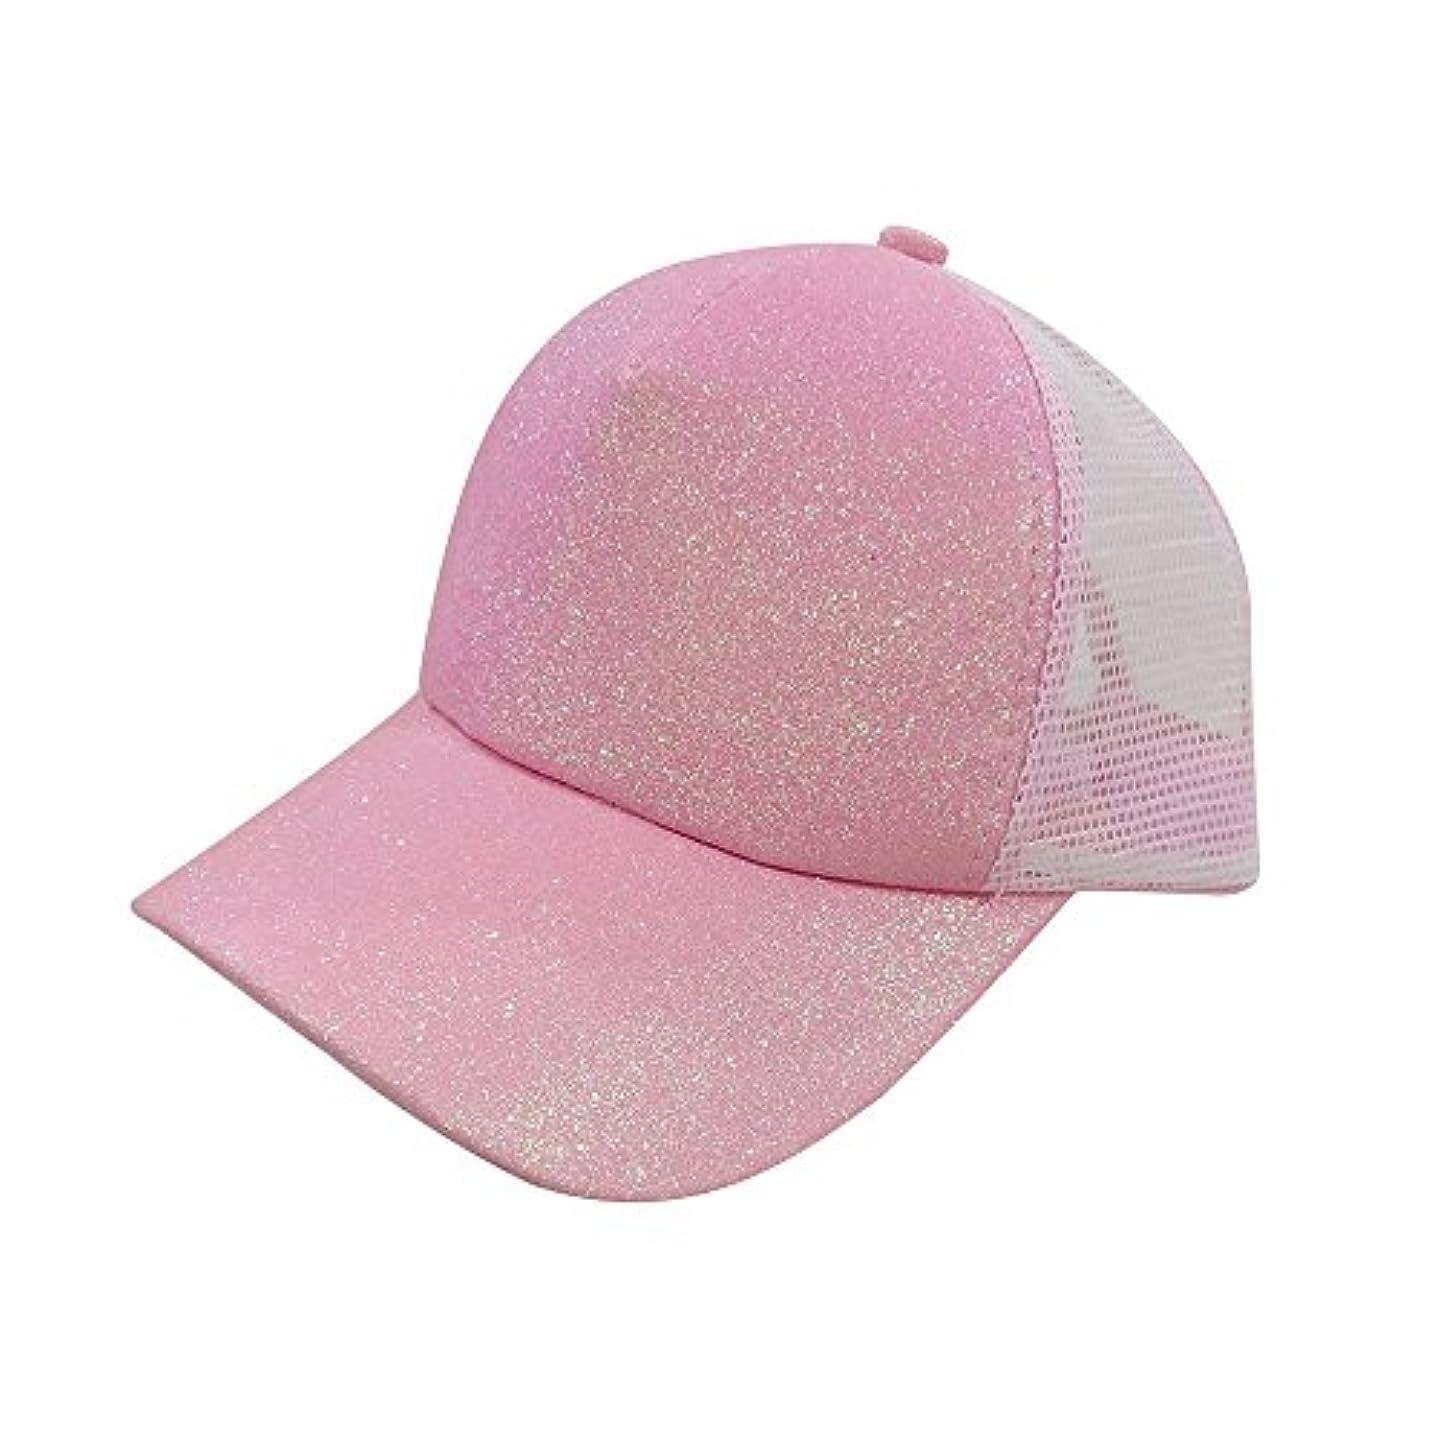 奨学金赤外線流産Racazing Cap スパンコール 無地 メッシュ 野球帽 通気性のある ヒップホップ 帽子 夏 登山 可調整可能 棒球帽 男女兼用 UV 帽子 軽量 屋外 Unisex Cap (ピンク)